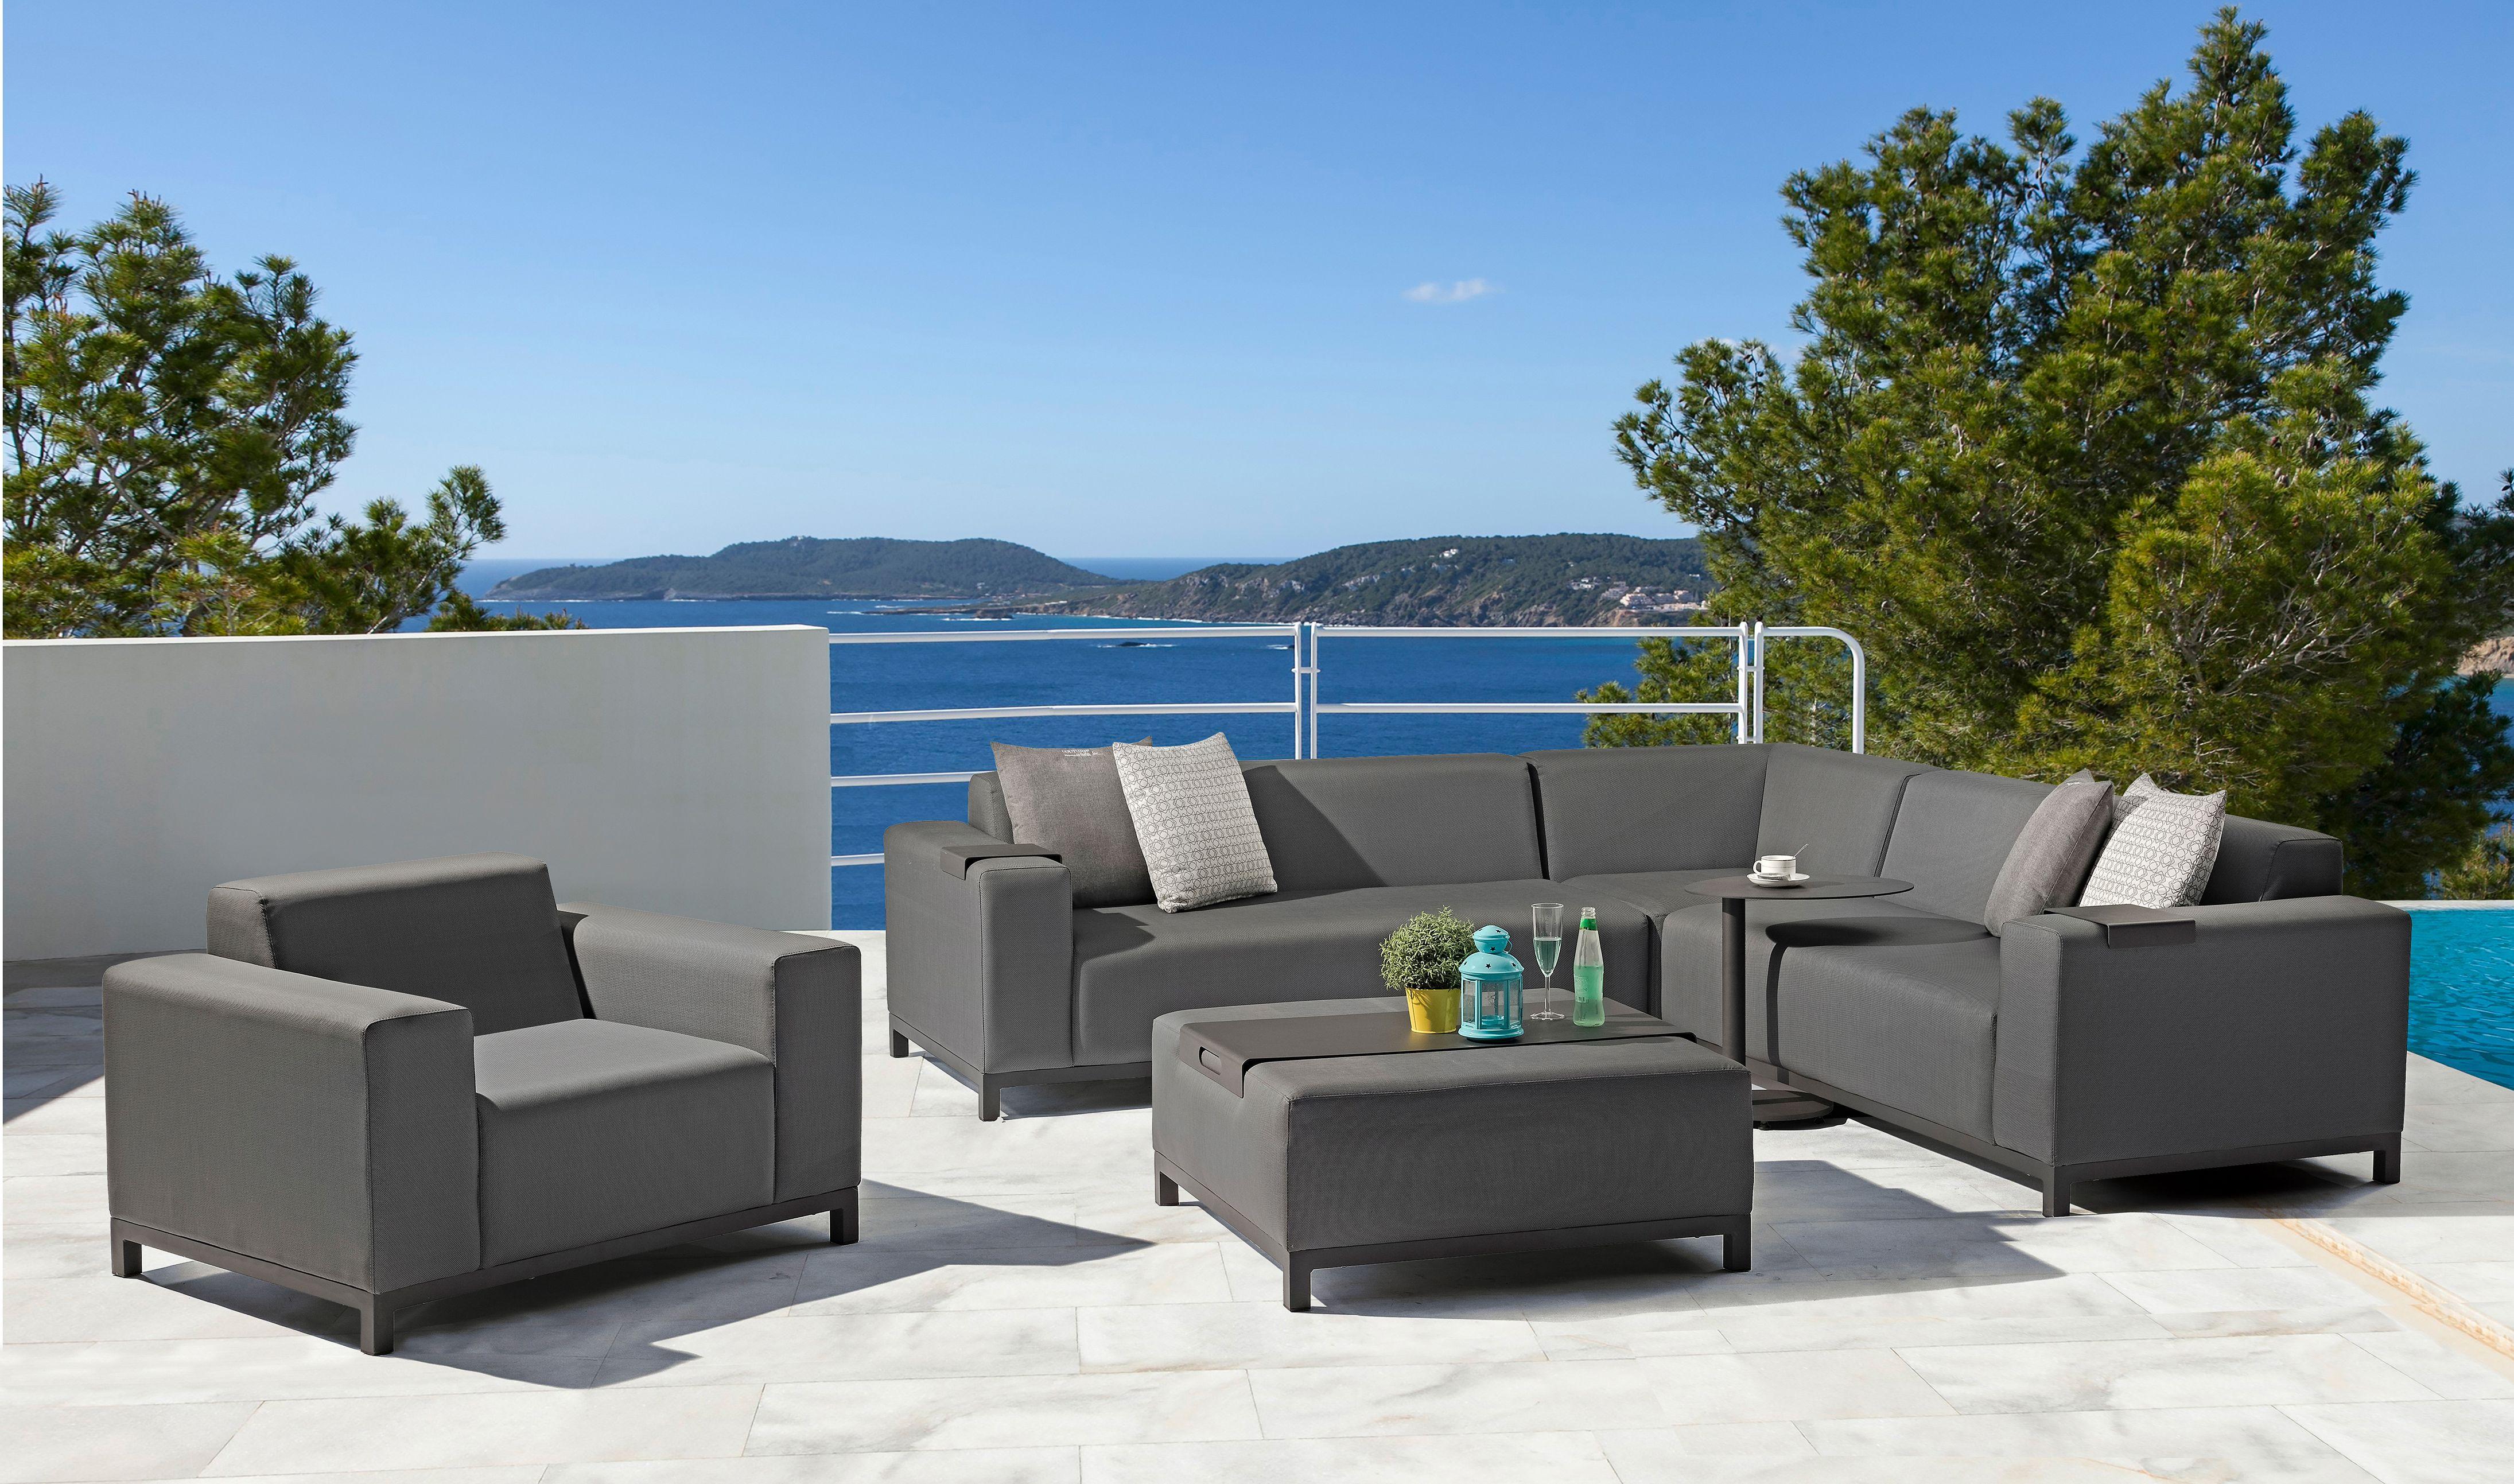 Dunkle Rattan Lounge Garnitur für Balkon oder Terrasse | Gartenmöbel ...